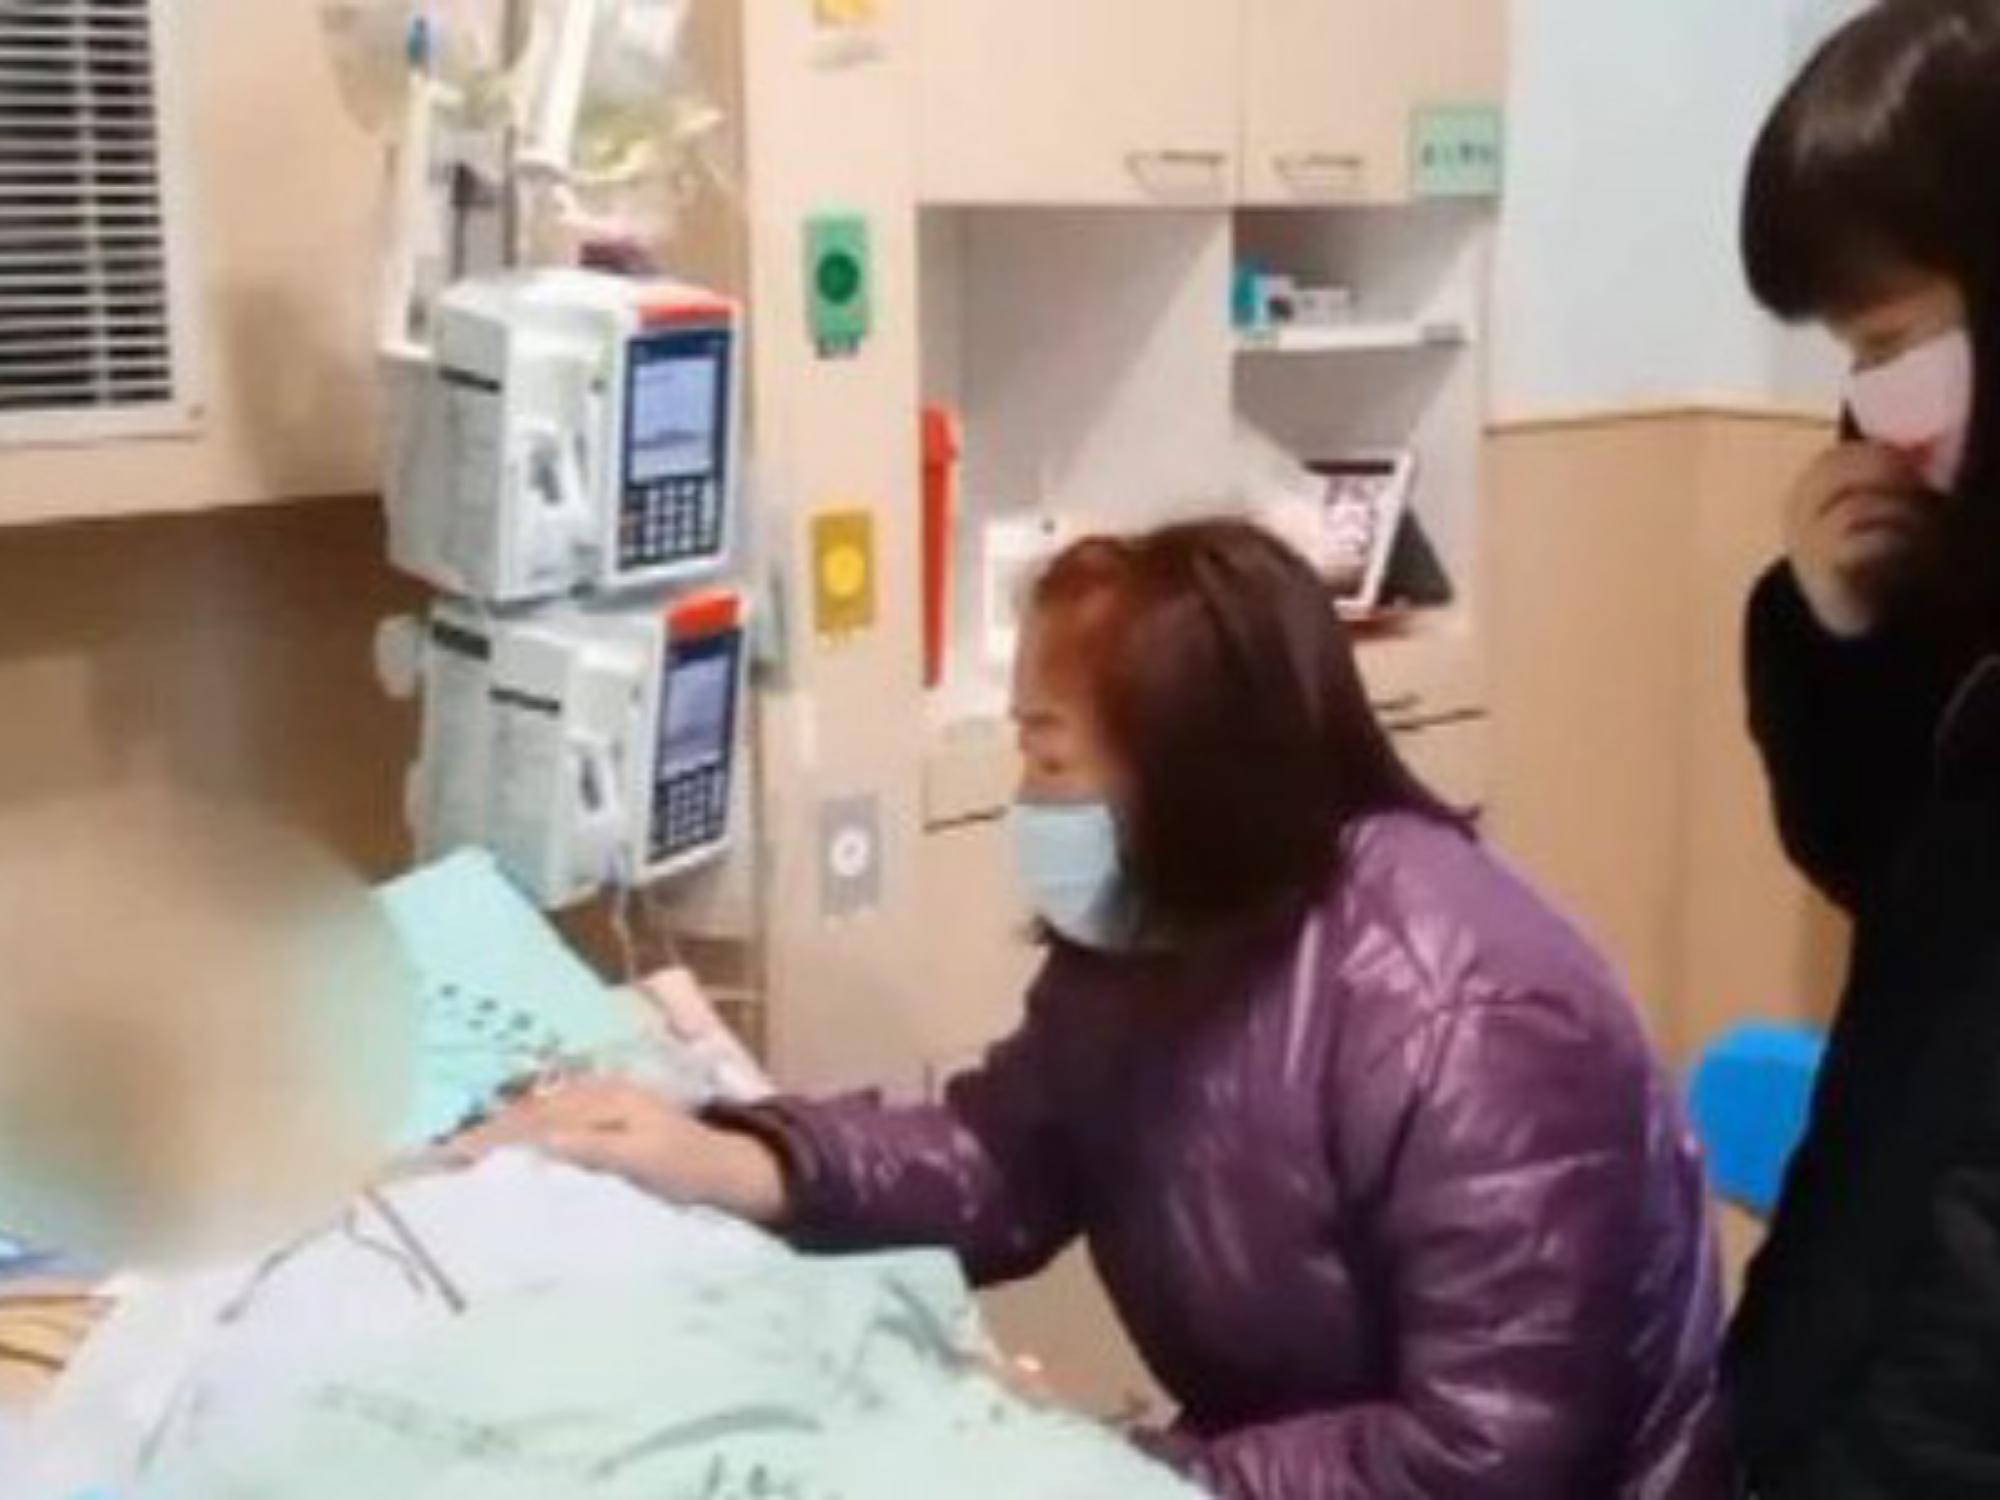 Bụng to tưởng như bầu 4 tháng, người đàn bà 30 tuổi khiến gia đình 'ngã ngửa' khi nhận kết quả siêu âm